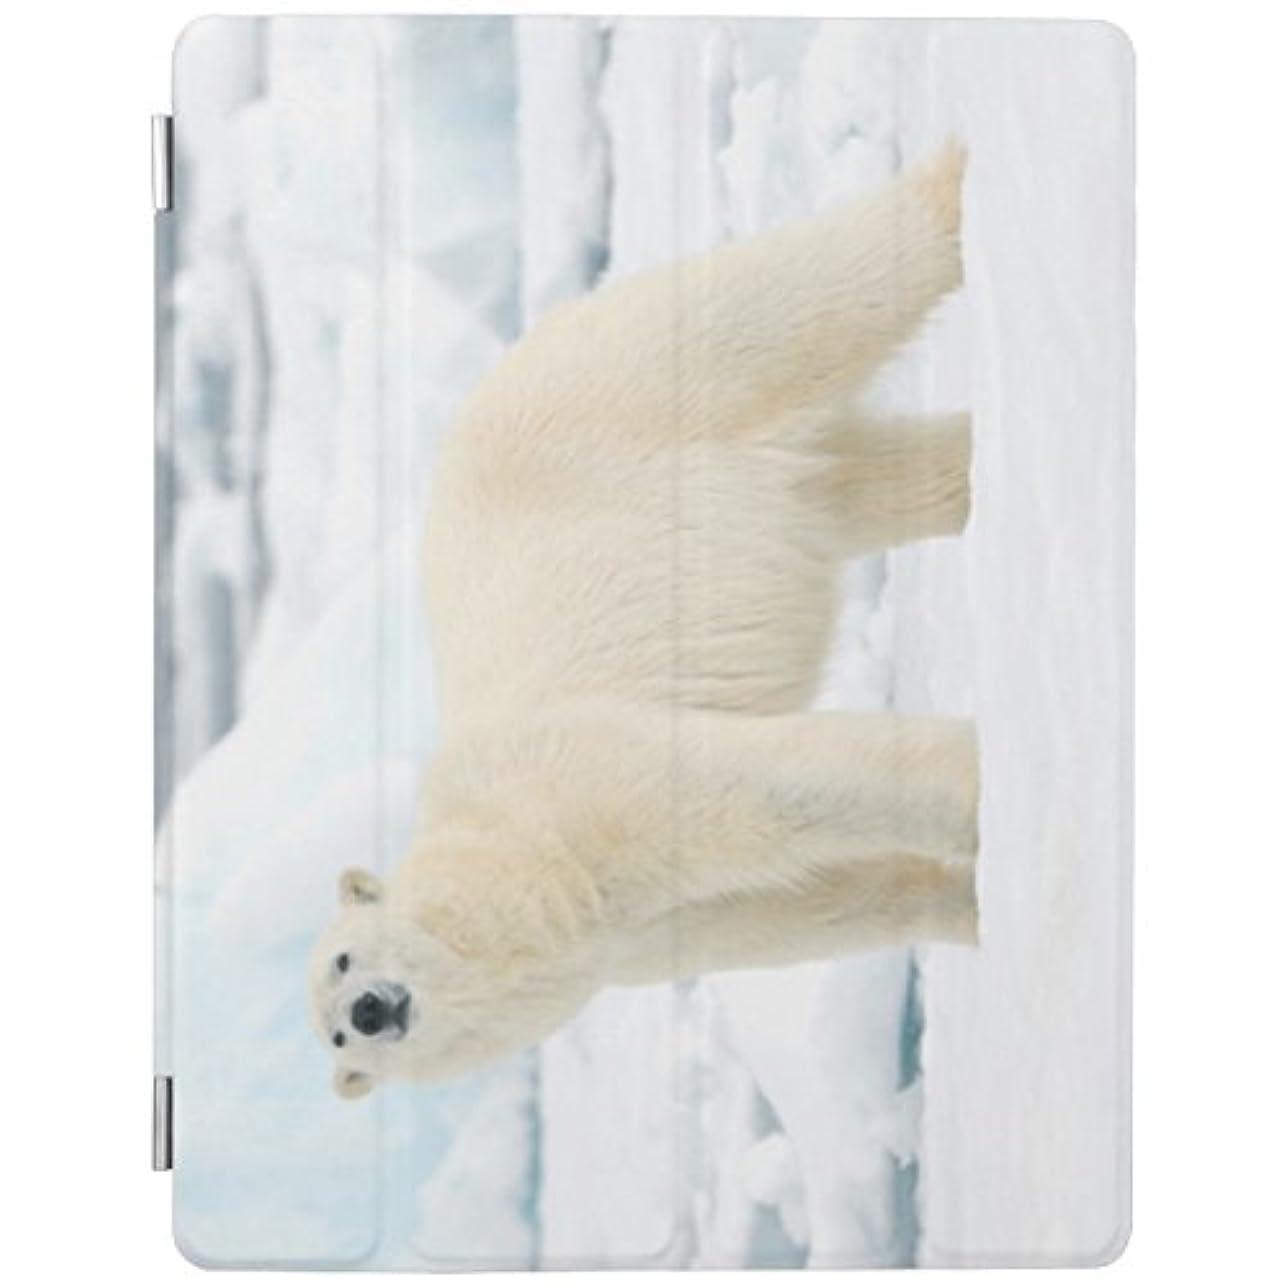 前者遺棄された酸度Recaso(レカソ)食糧を求める大人の白くま iPad Air2 ケース 軽量 薄型 オートスリープ スタンド機能 半透明ー PUレザー 傷つけ防止 三つ折タイプ iPad Air3専用